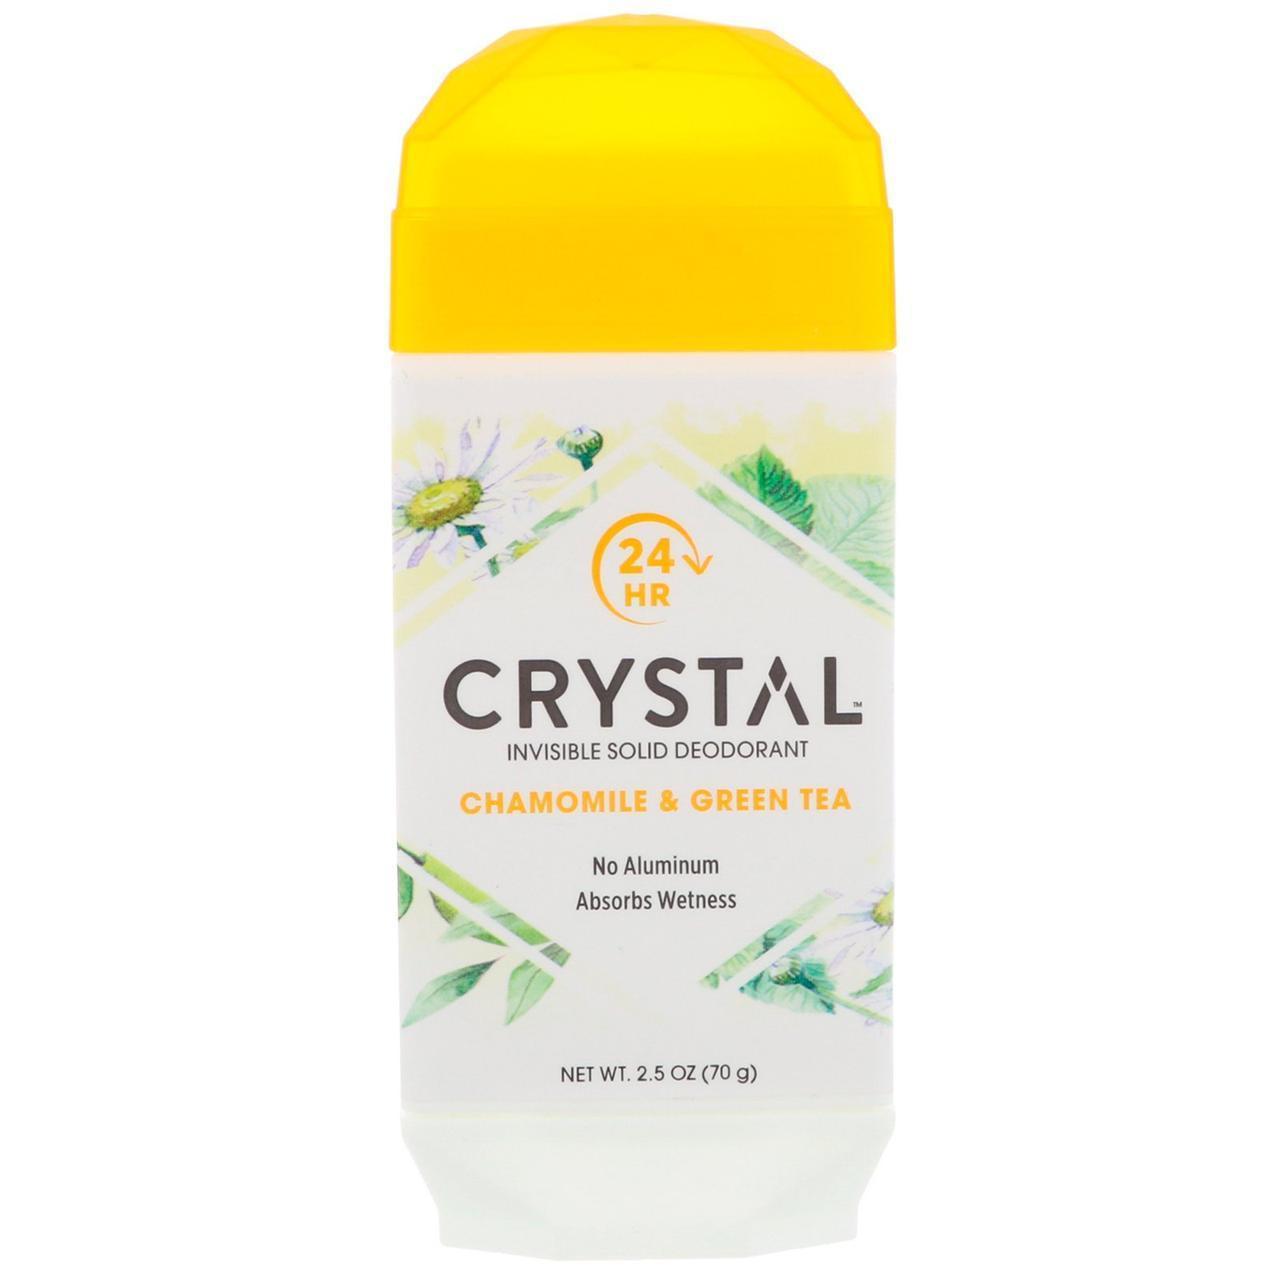 Crystal Body Deodorant, Невидимий твердий дезодорант, ромашка і зелений чай, 70 г